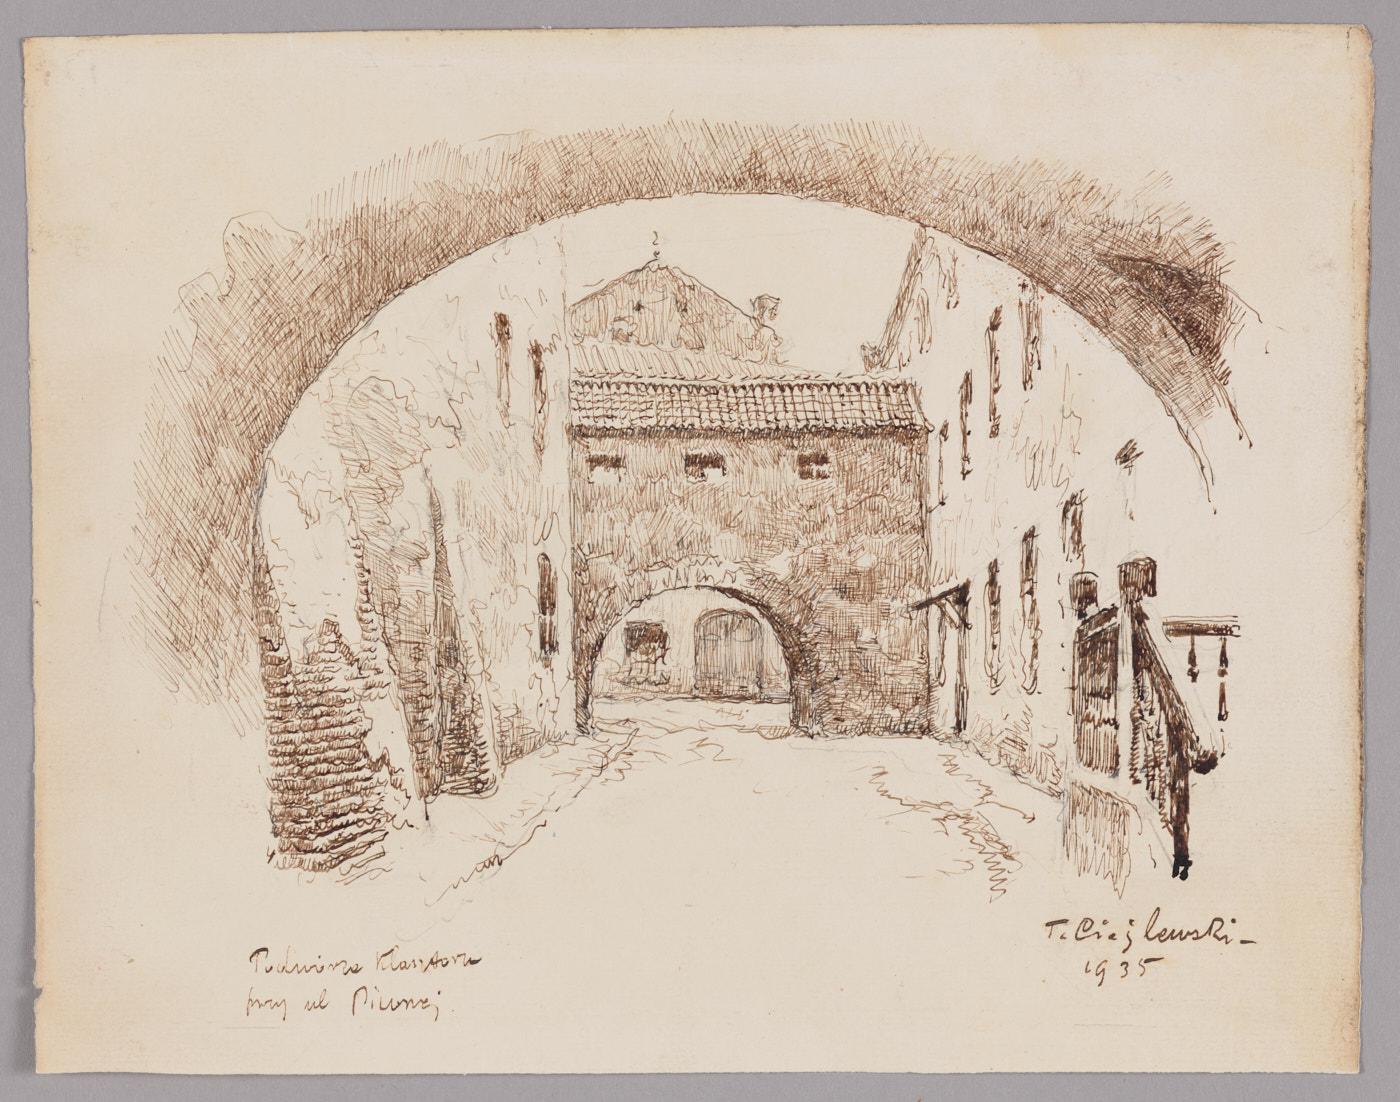 Podwórze klasztoru Augustianów. Wąskie, długie podwórko zamknięte ścianami kamienic pobokach. Są połączone murowanym łącznikiem przecinającym podwórko wpoprzek. Wgórnej części łącznika maleńkie okienka, wdolnej wyokrąglone przejście wgłąb podwórza.